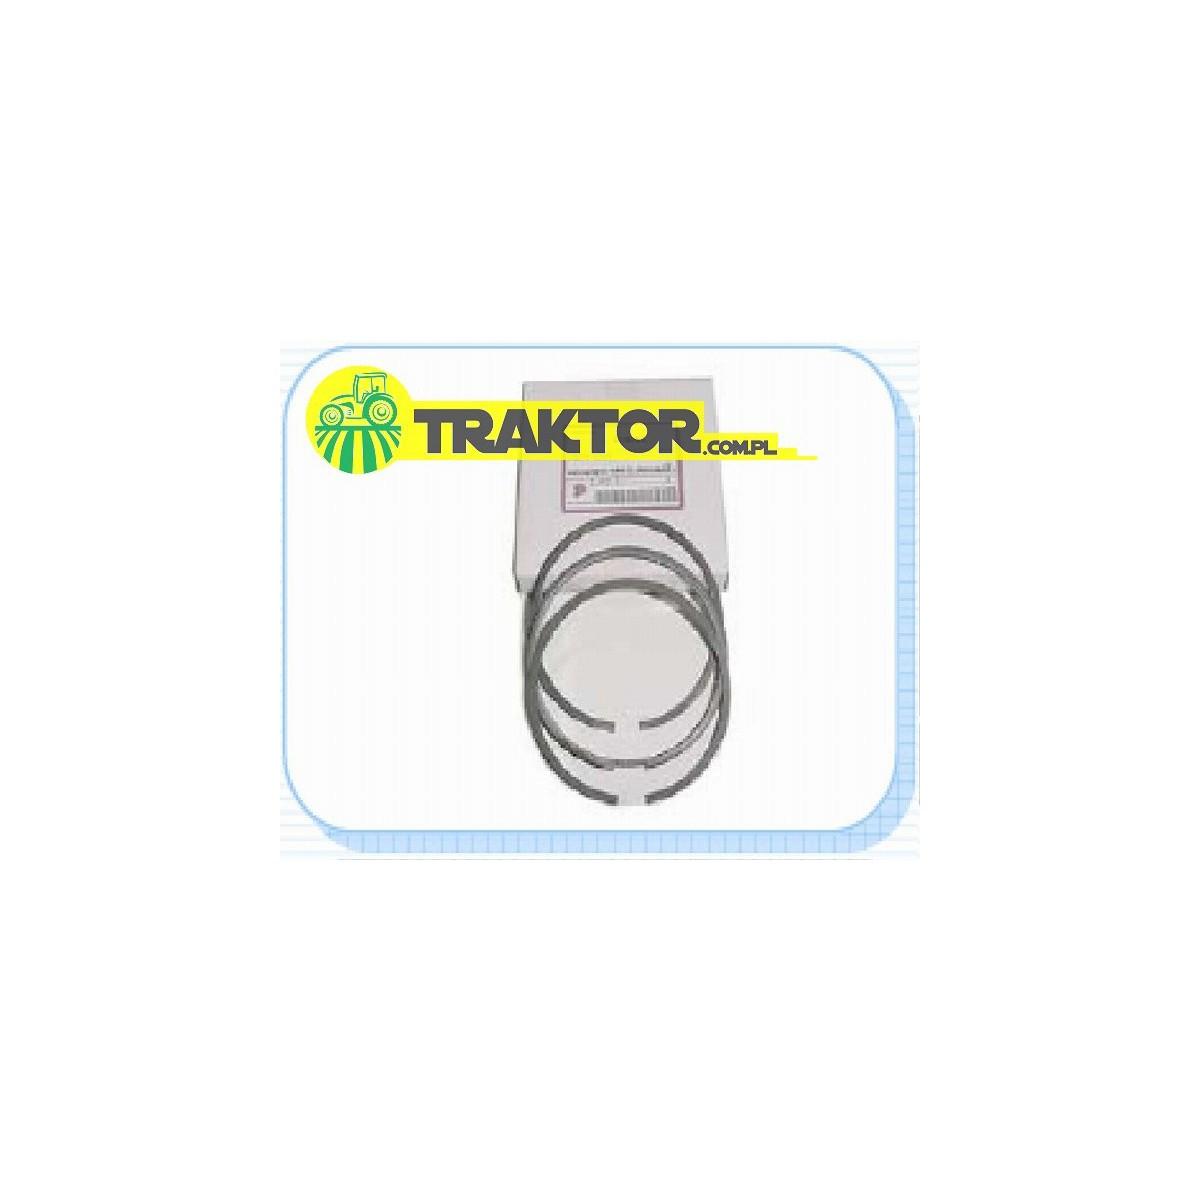 Piston Ring Set SHIBAURA SP1740  75 : 2 x 1.5 x 4 STD